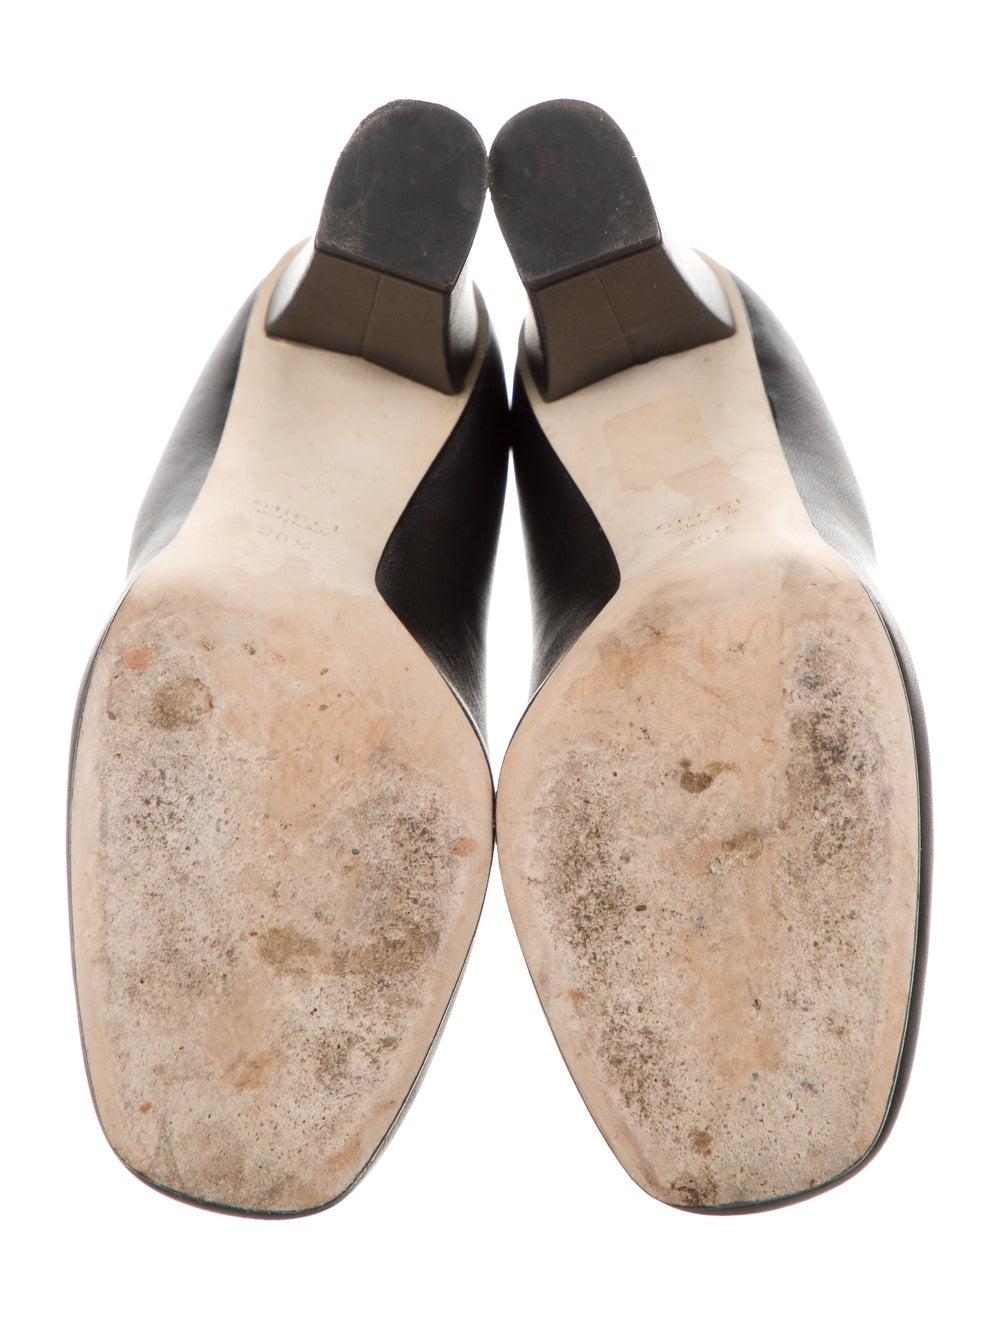 Gucci Horsebit Accent Leather Pumps Black - image 5